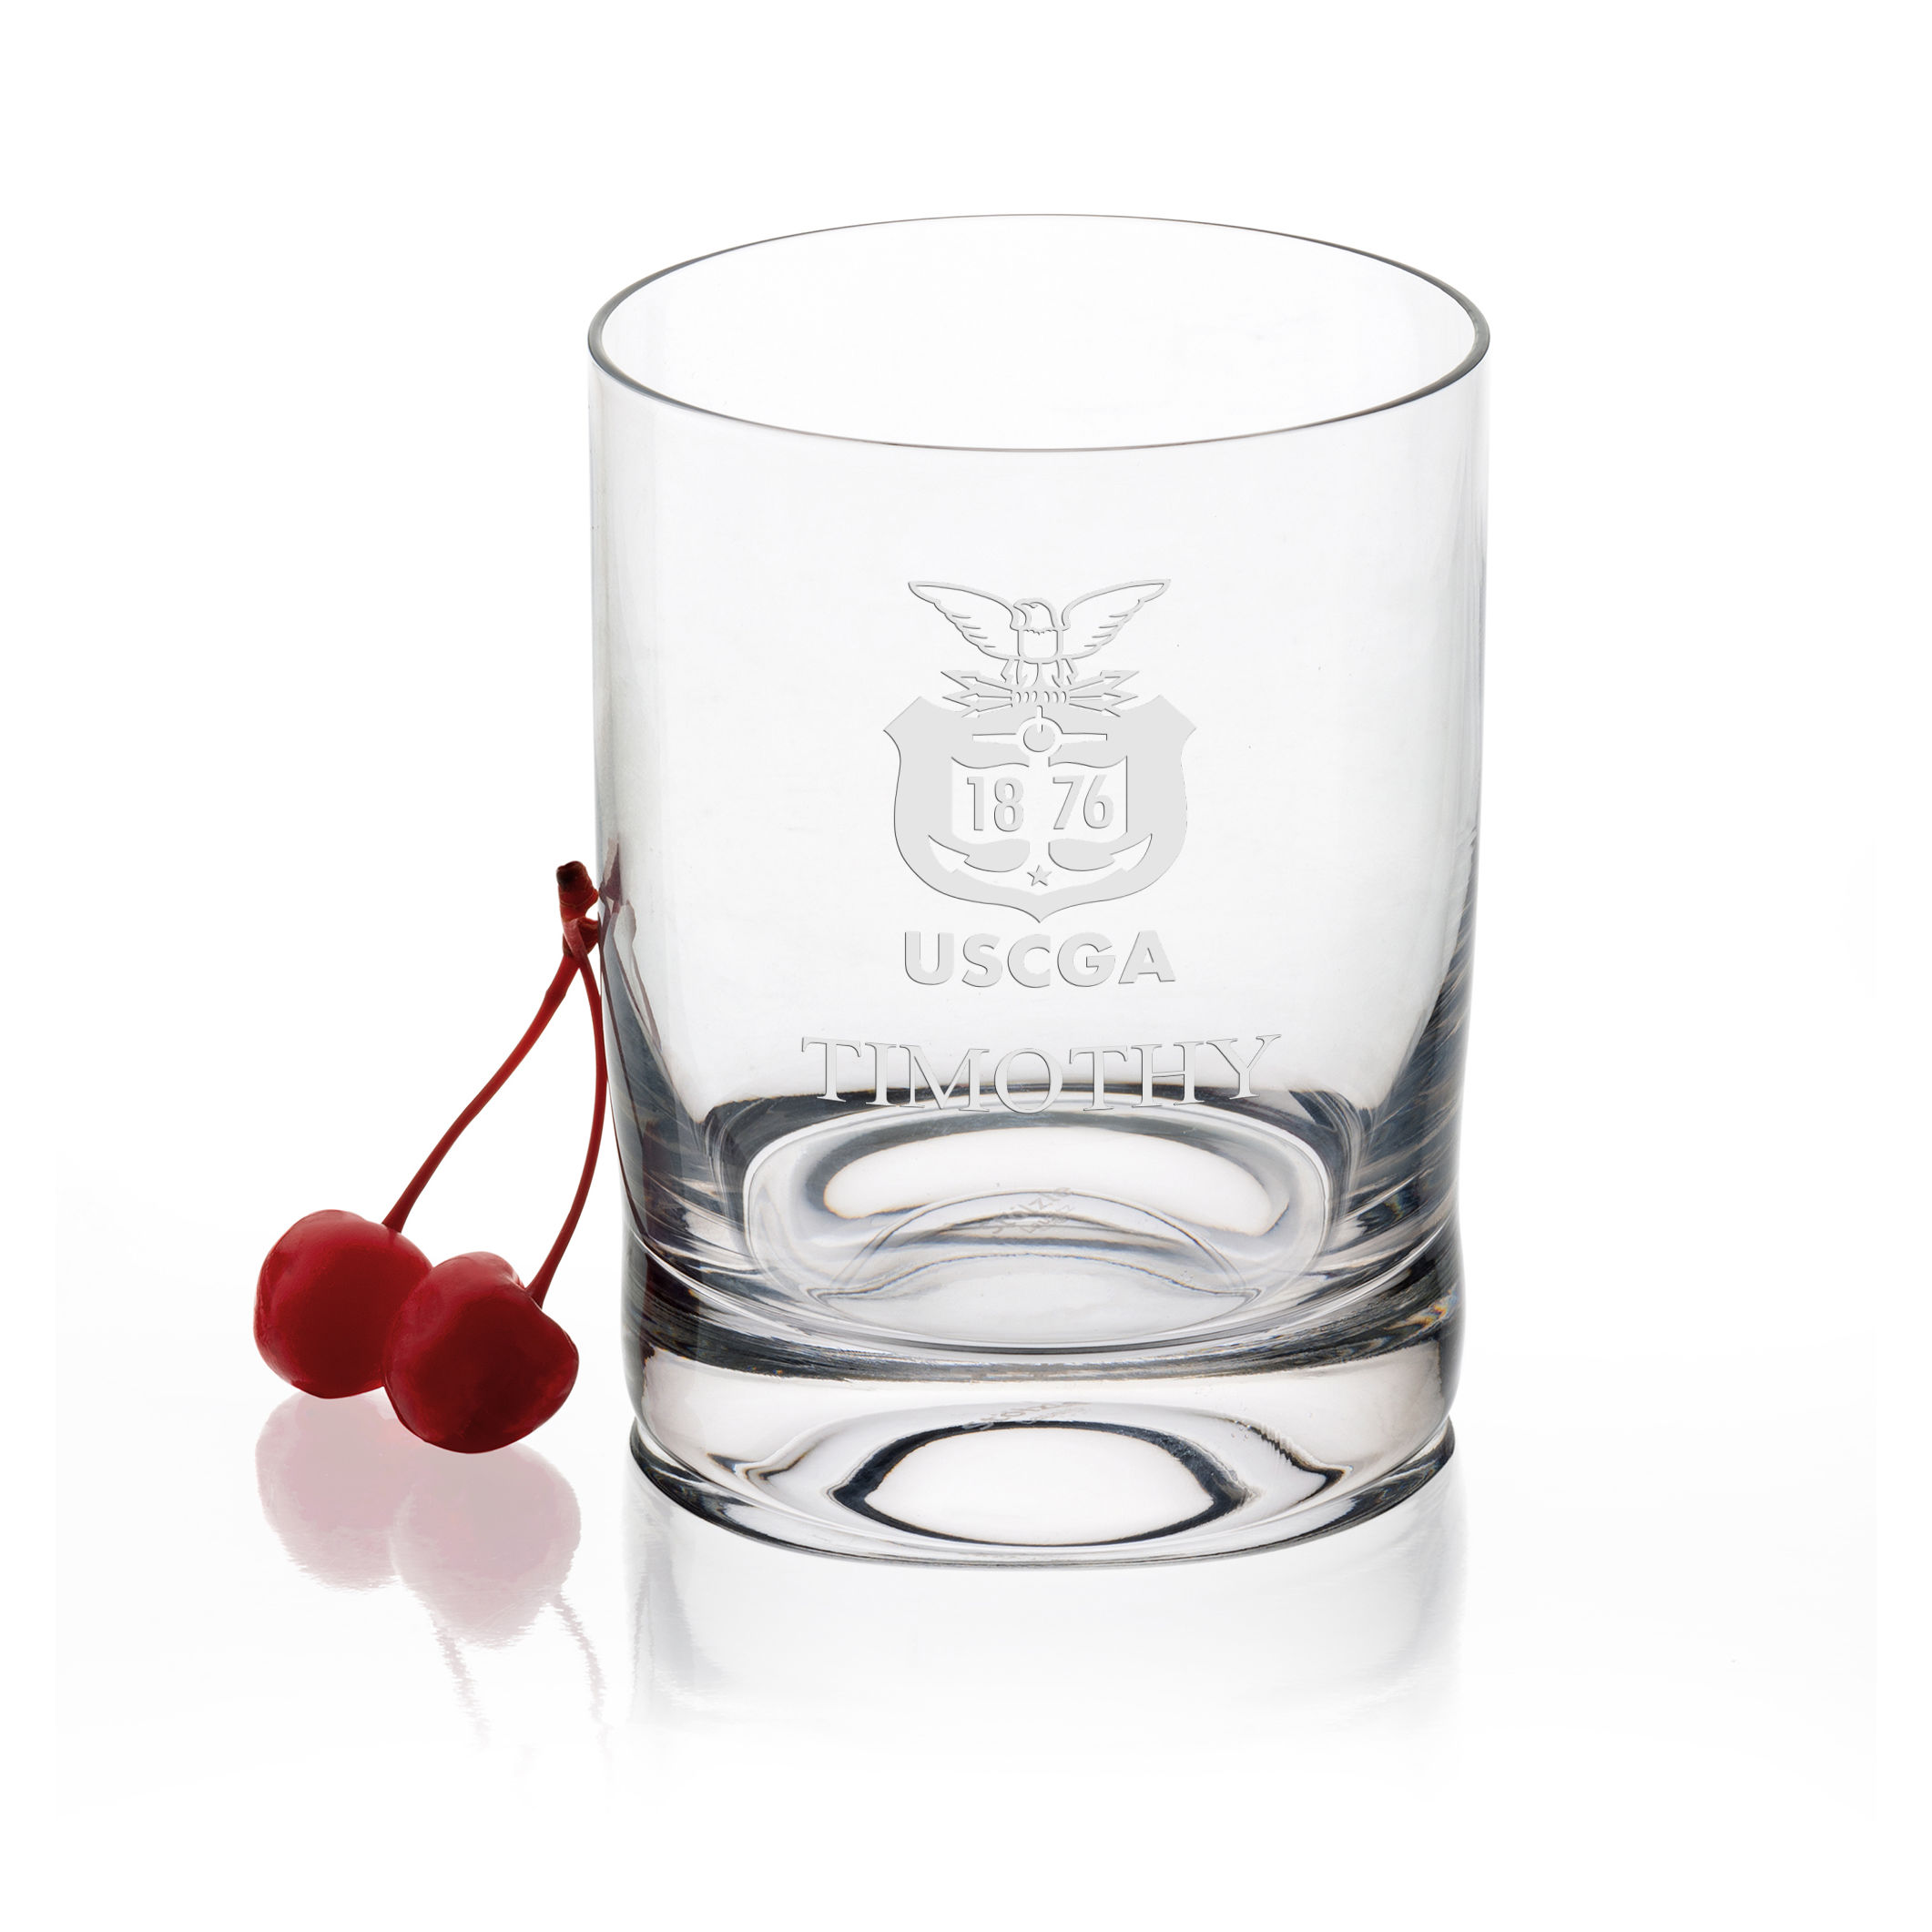 USCGA Tumbler Glasses - Set of 4